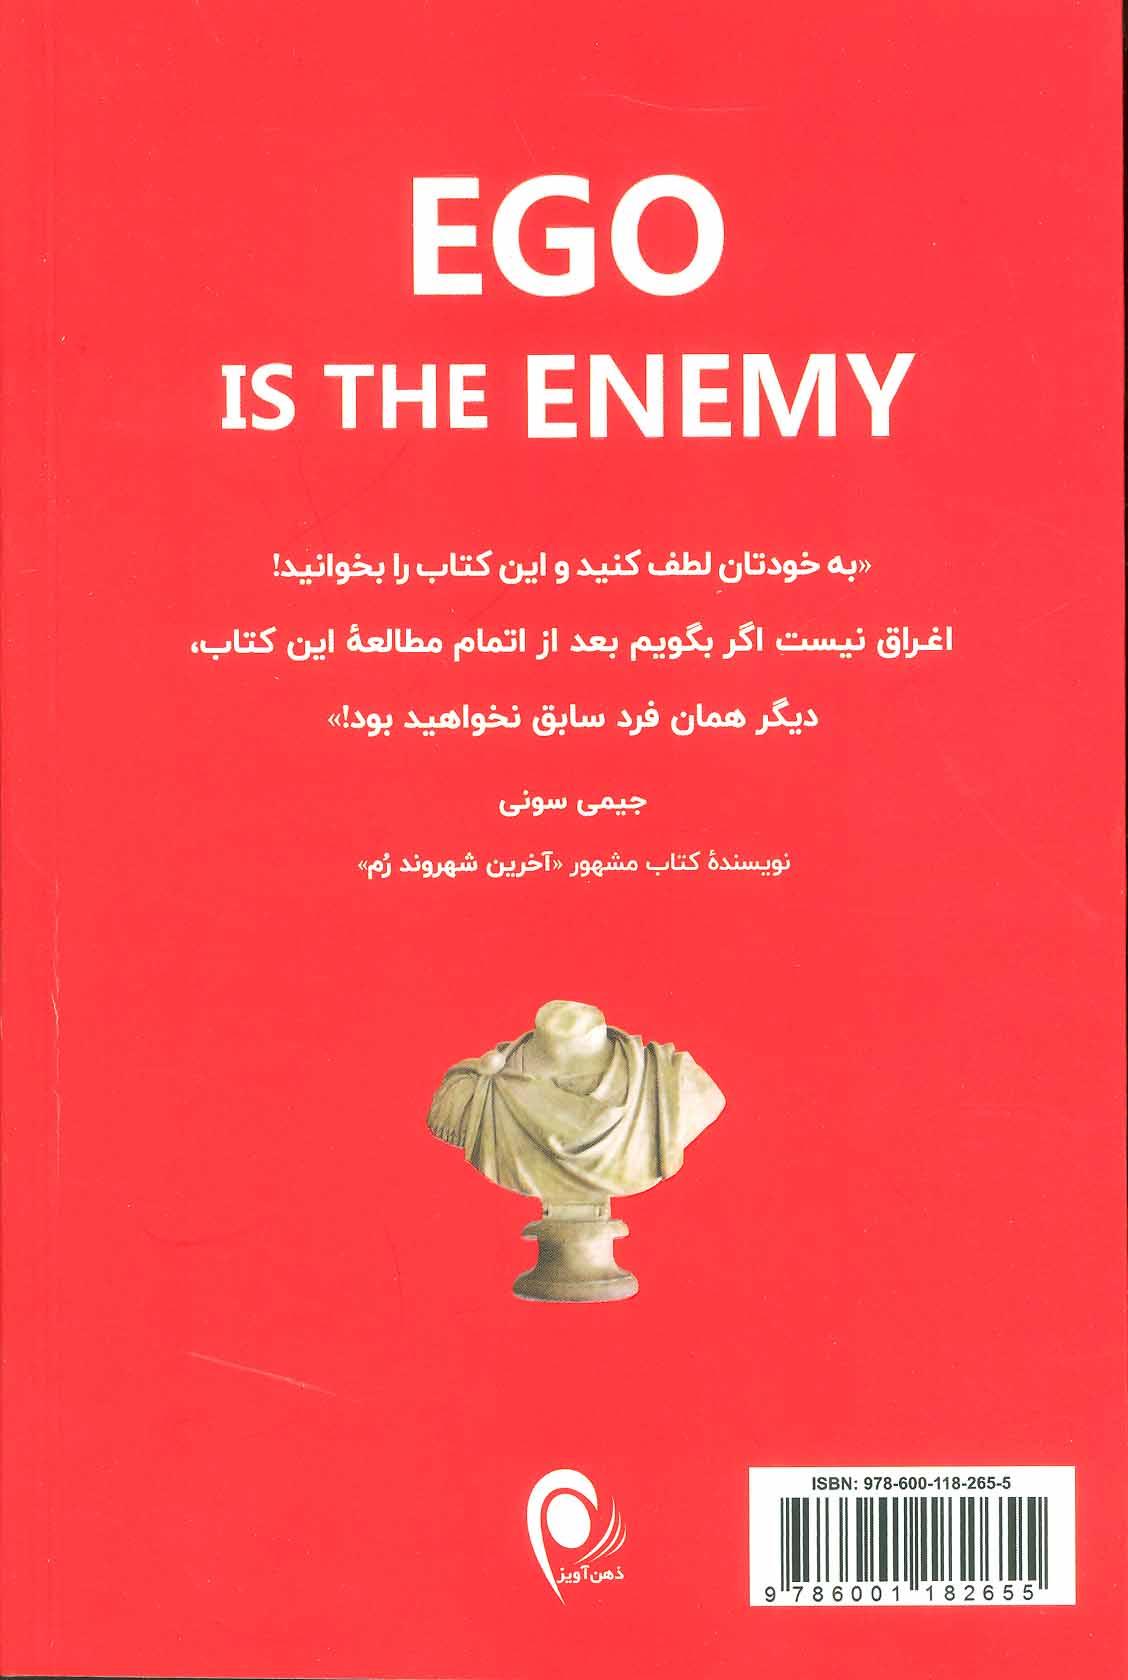 دشمنی به نام خودپرستی (نبردی برای سلطه بر بزرگ ترین رقیب زندگی مان!)،(BEST SELLER)